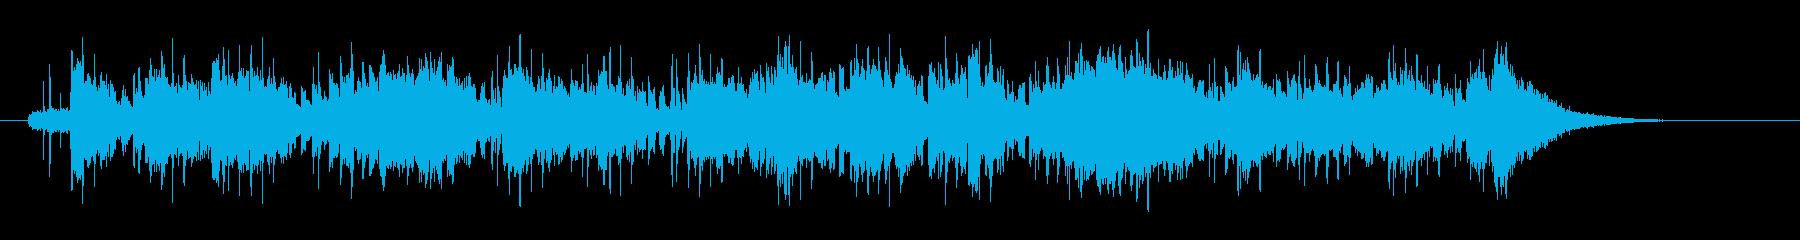 軽いタッチのアコースティック・ボサノバの再生済みの波形